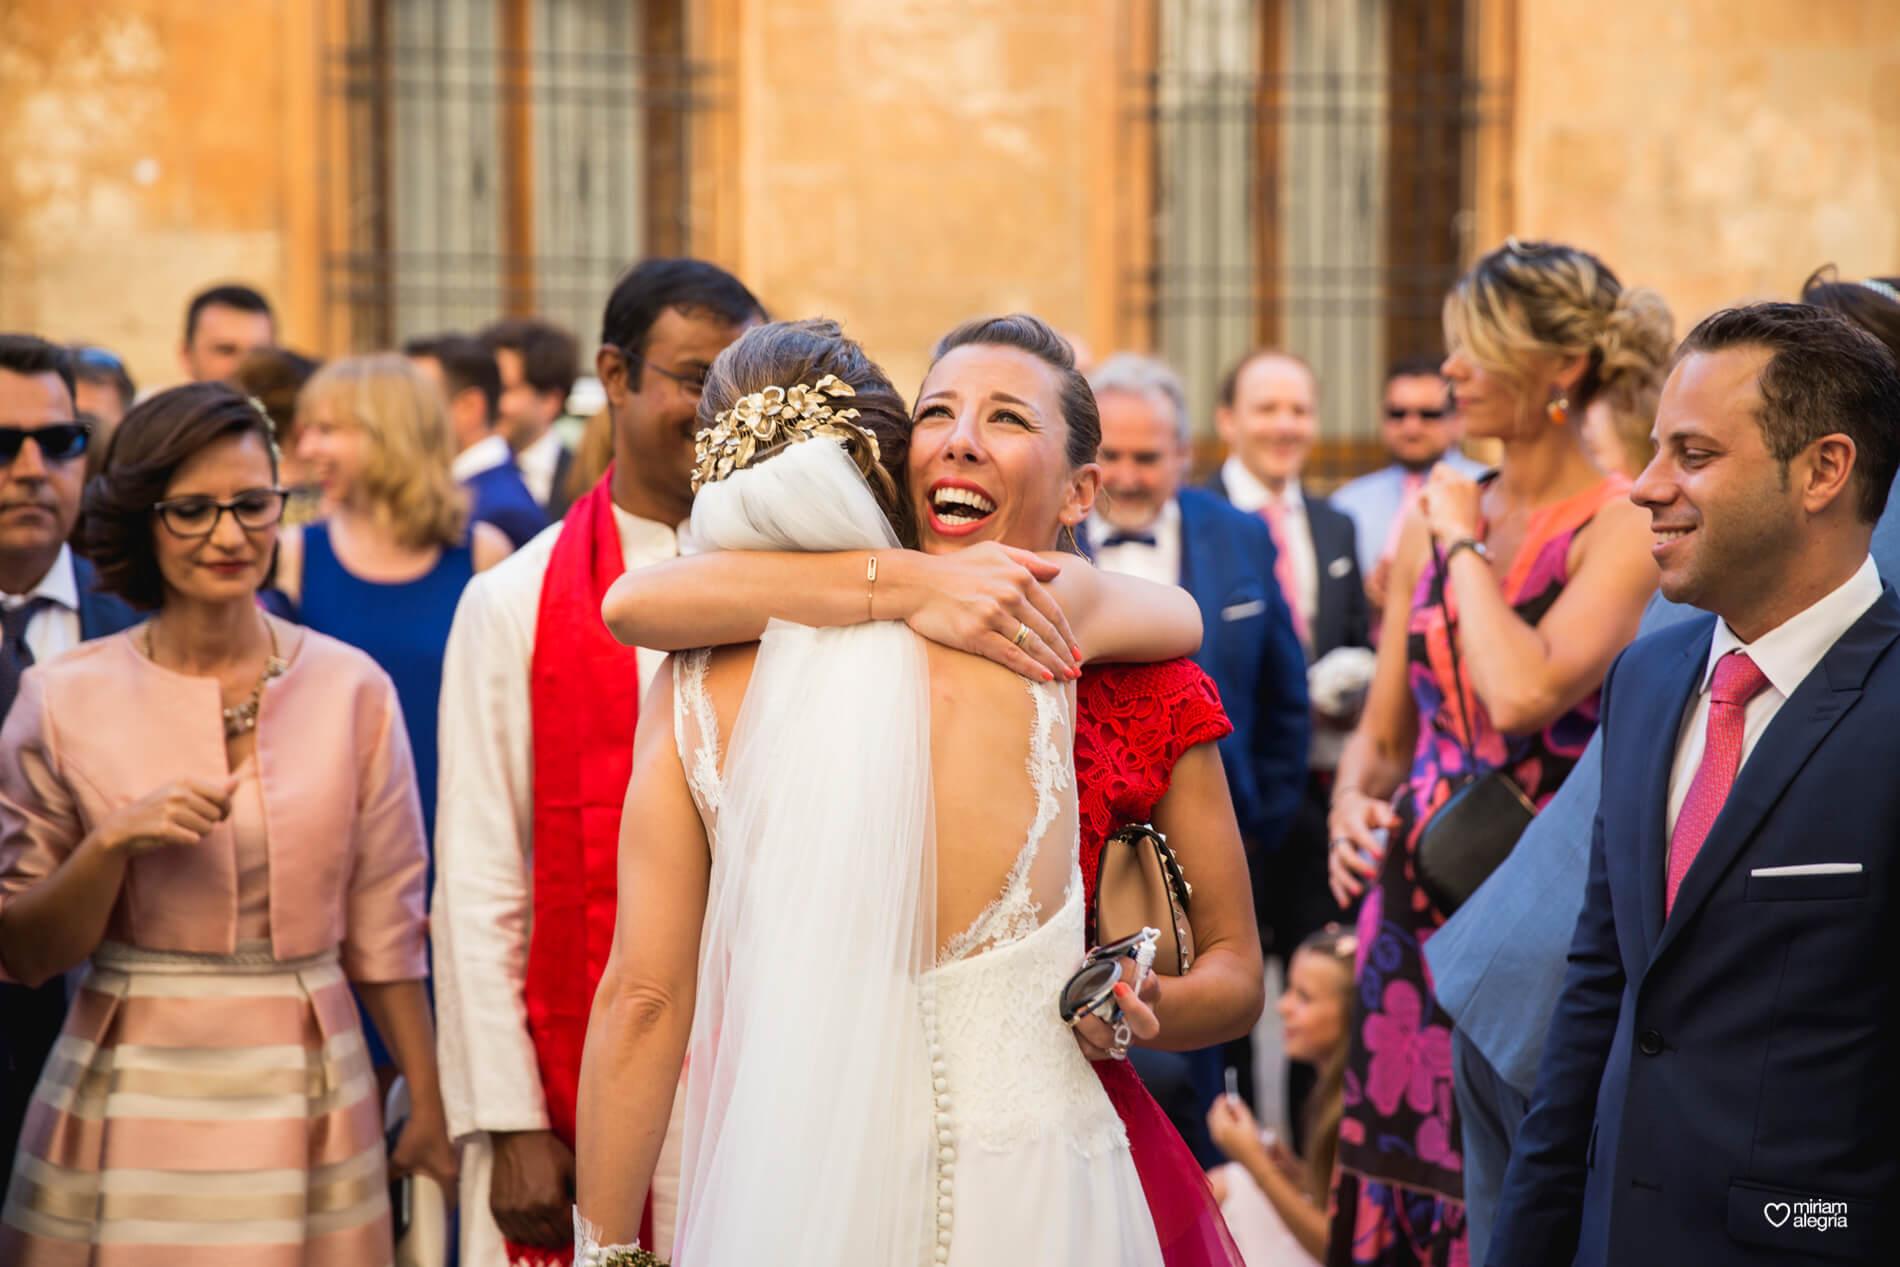 wedding-huerto-del-cura-elche-miriam-alegria-fotografos-boda-239